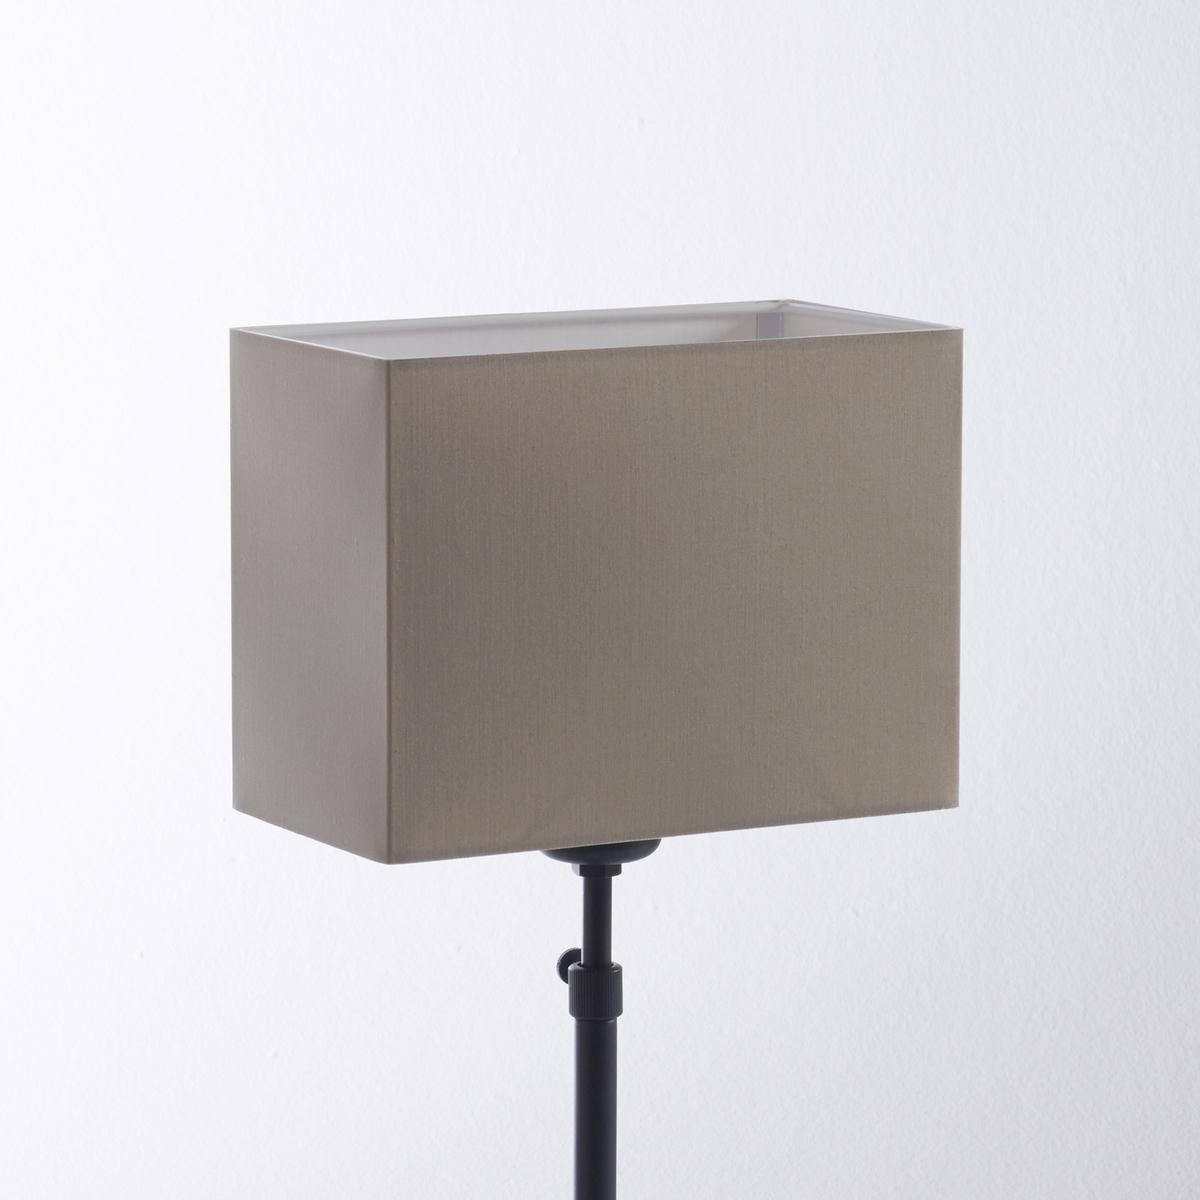 Абажур прямоугольной формы, Sc?narioОписание абажура :Прямоугольная форма..Для патрона E27, лампочка макс. 40В (не входит в комплект).Характеристики абажура :100% хлопок.Размеры абажура :13,5 x 25,5 см .<br><br>Цвет: золотистый,серо-коричневый,серый,черный,экрю